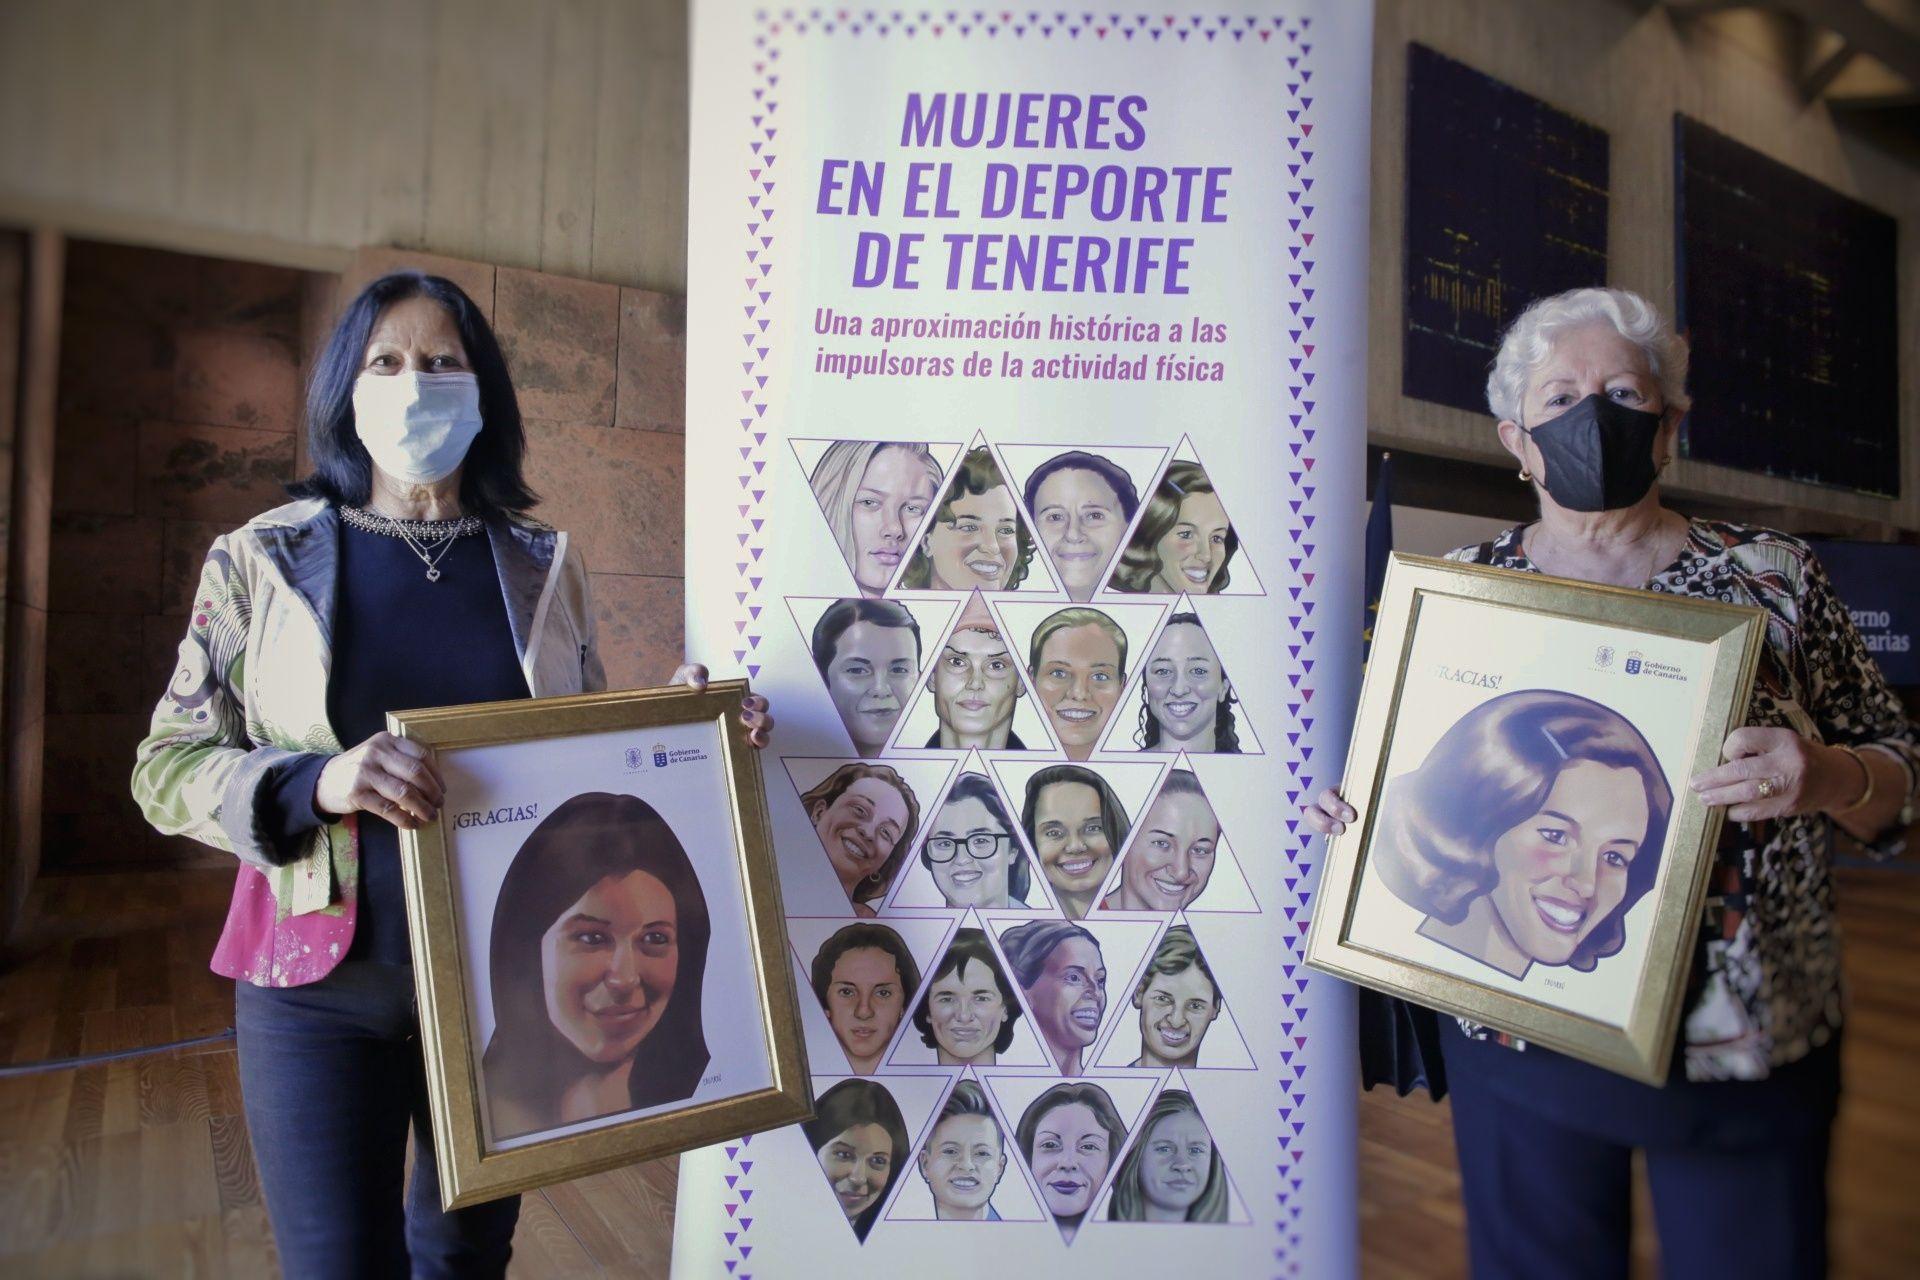 Mujeres en el Deporte de Tenerife